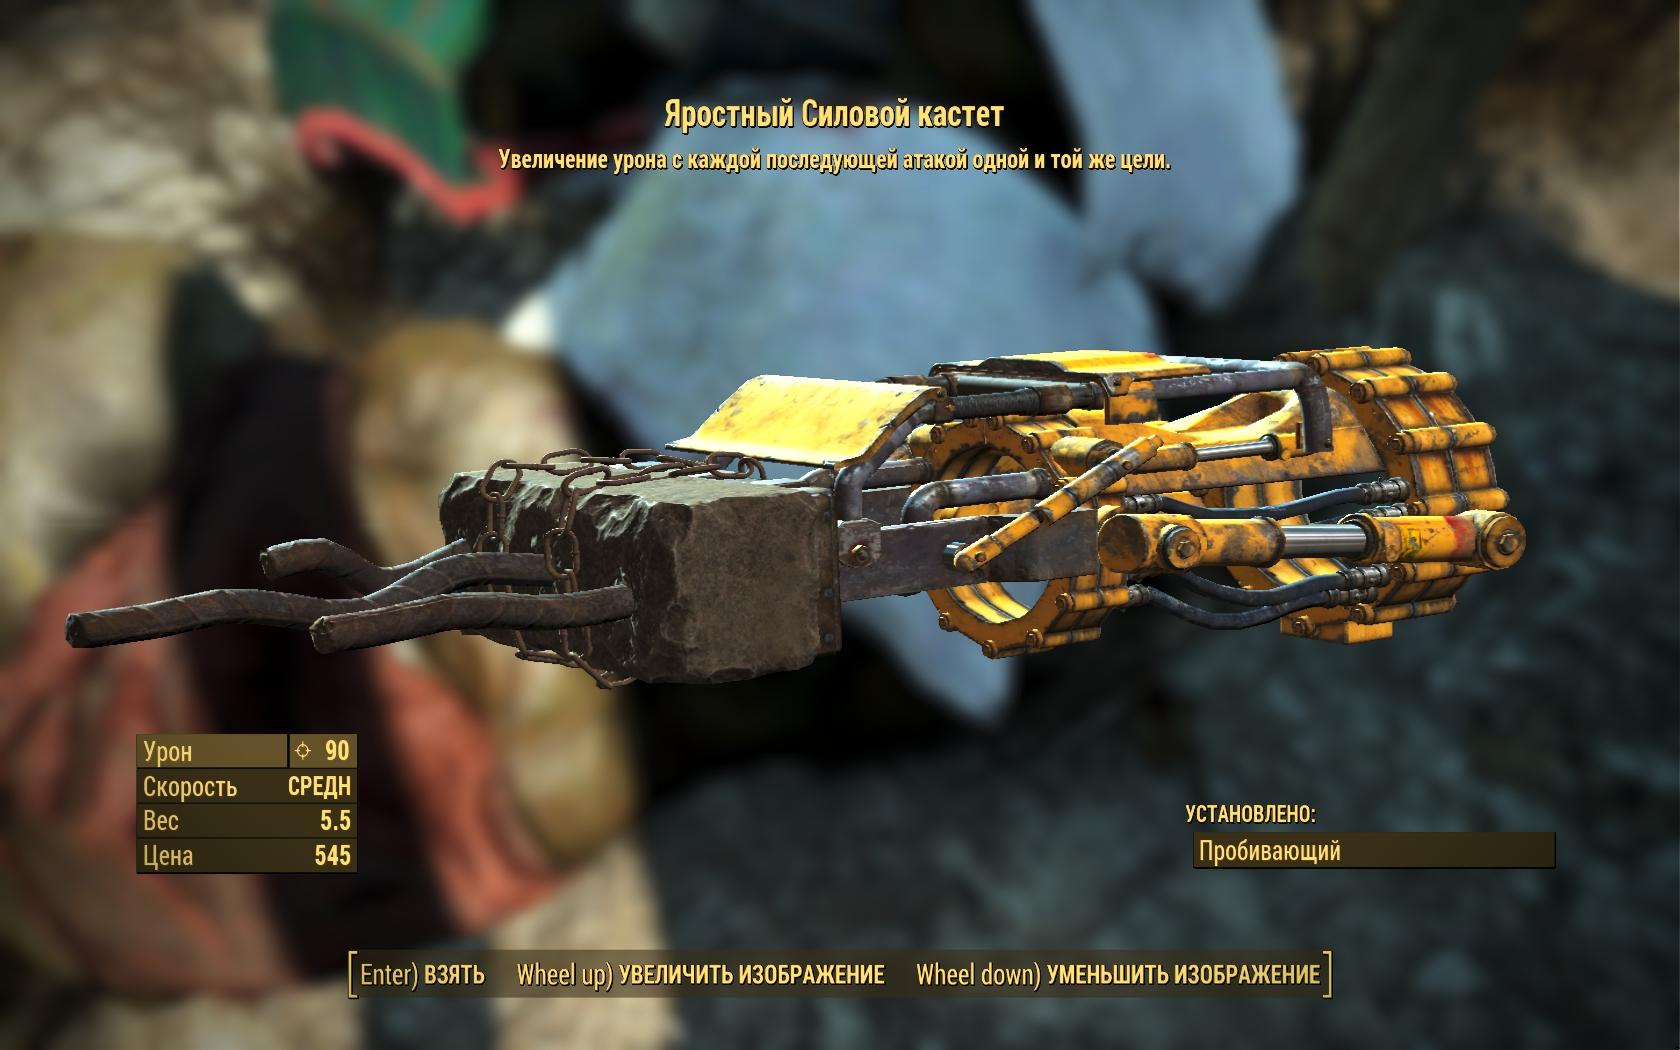 Яростный силовой кастет (оружие Лебедя) - Fallout 4 Лебедь, Оружие